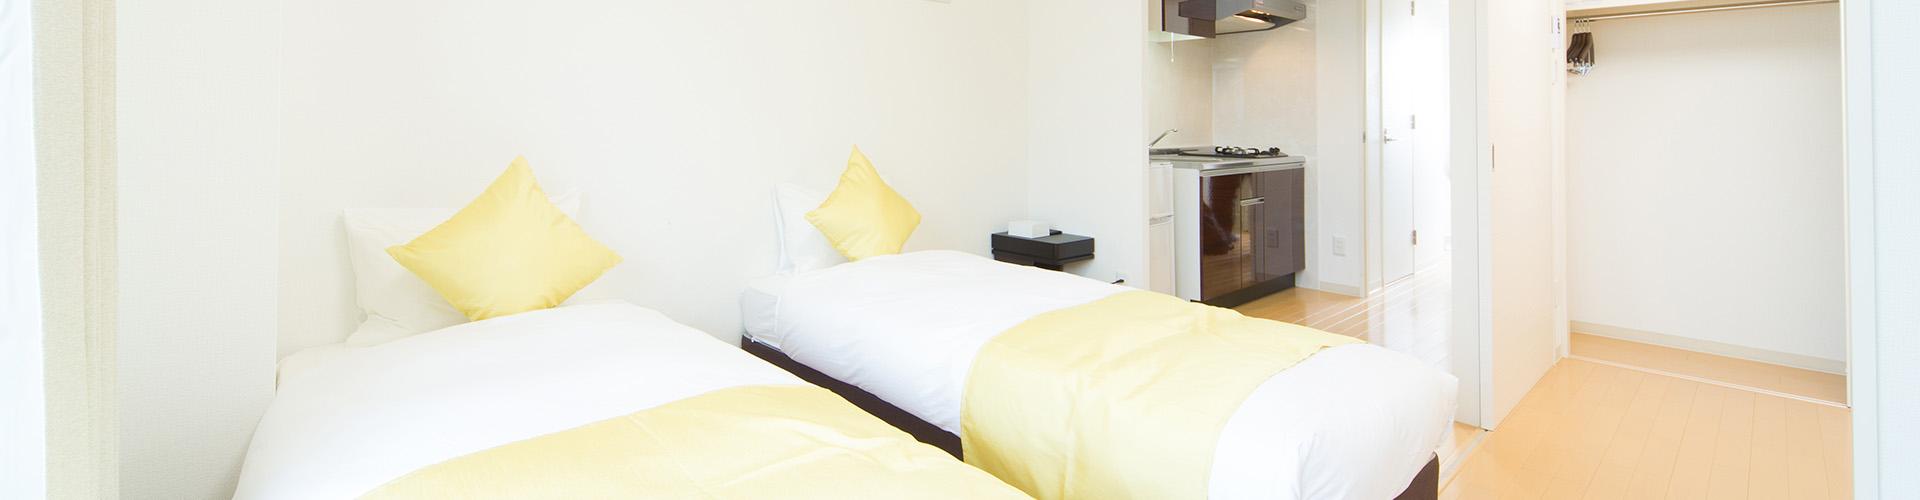 今里クリスタルホテル - 株式会社リゾートライフ